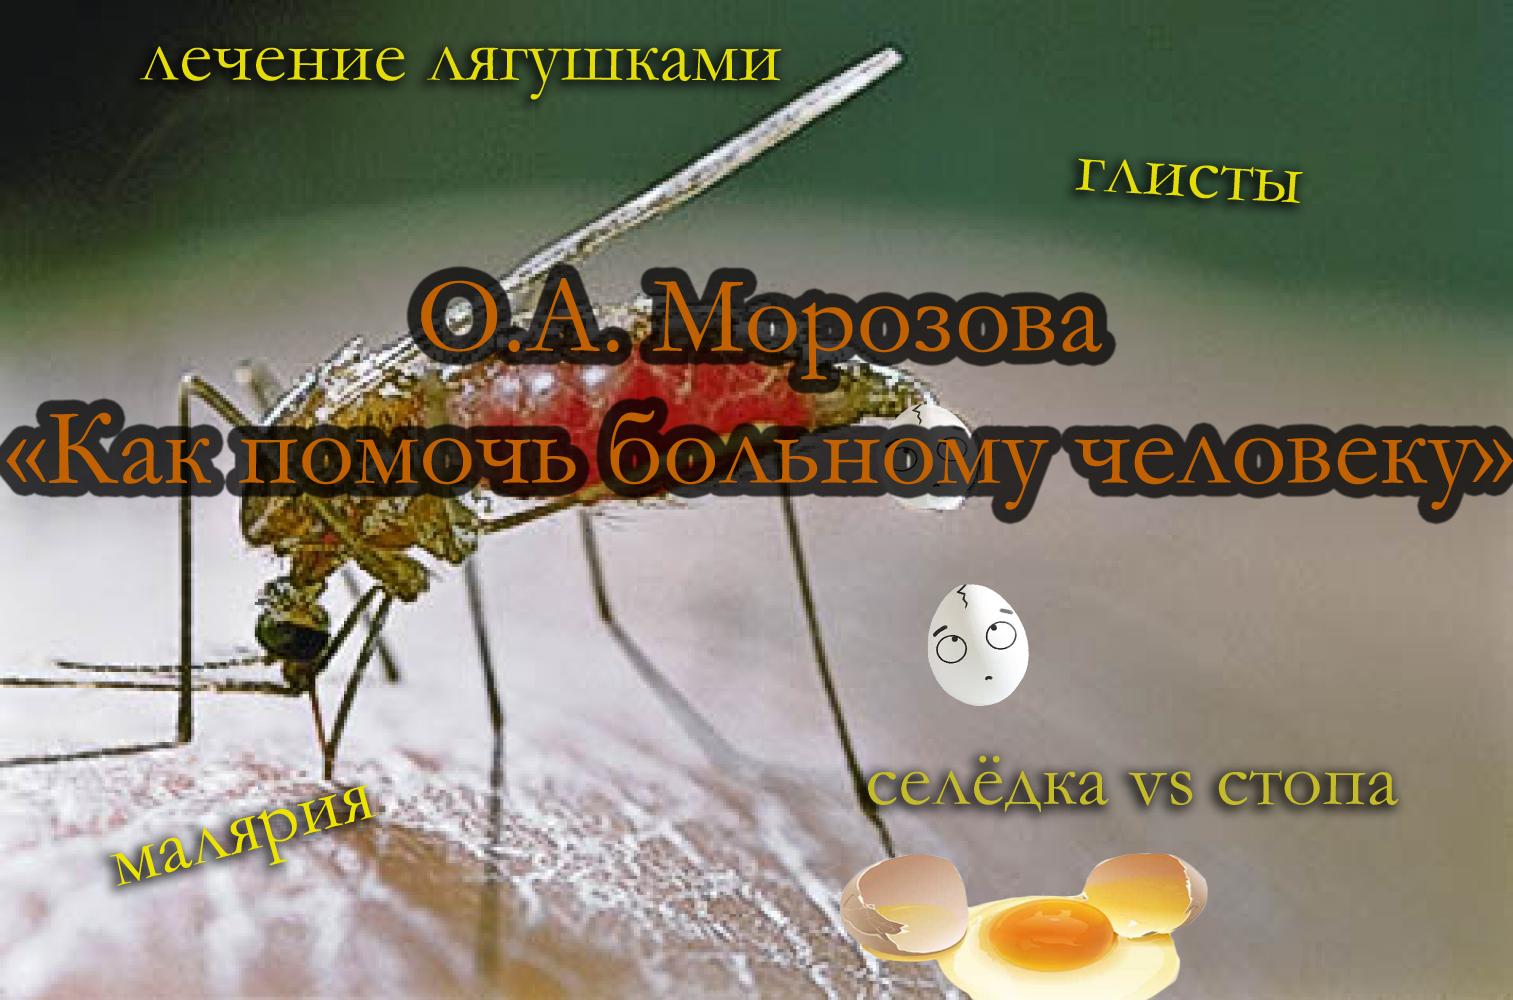 morozova 6